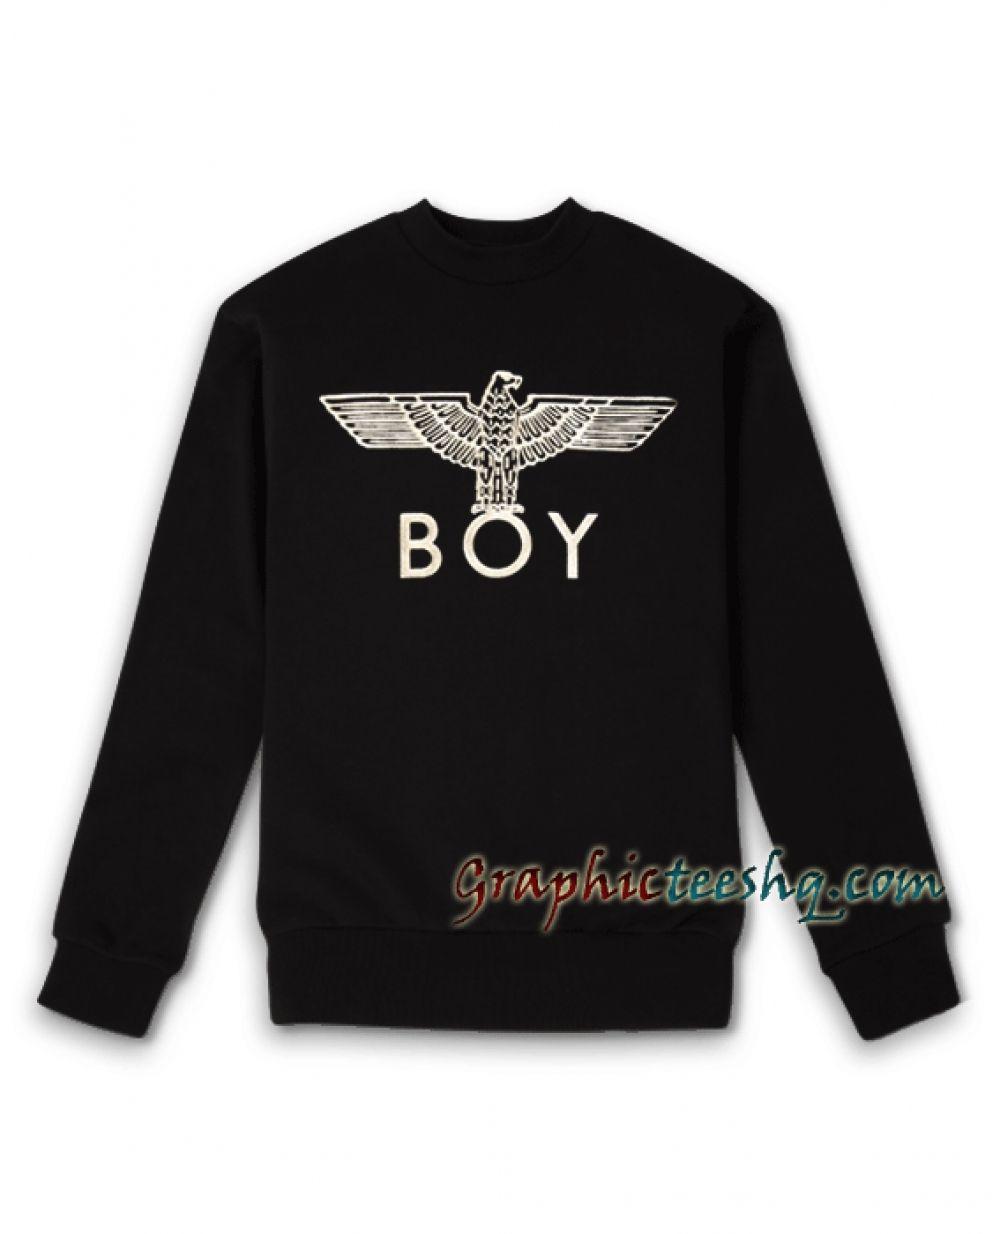 Boy Boy London Sweatshirt Is Best Of Cheap Graphic Tee By Graphicteeshq Sweatshirts Cheap Graphic Tees Custom Sweatshirts [ 1234 x 1000 Pixel ]